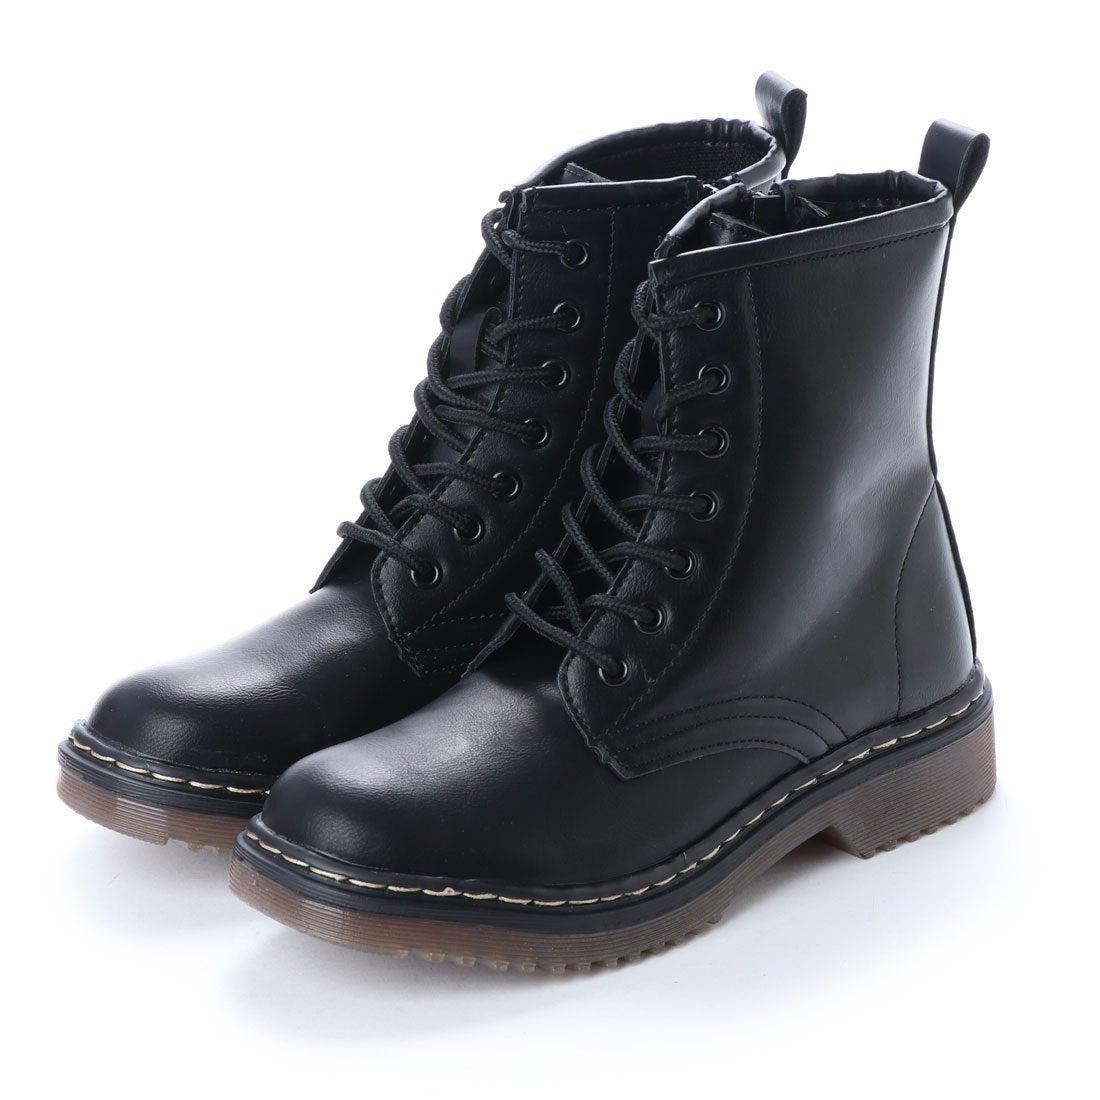 ロコンド 靴とファッションの通販サイトスクランブル scramble 7ホールレースアップワークブーツ エンジニアブーツ レースアップ 春 ブーツ (ブラック)